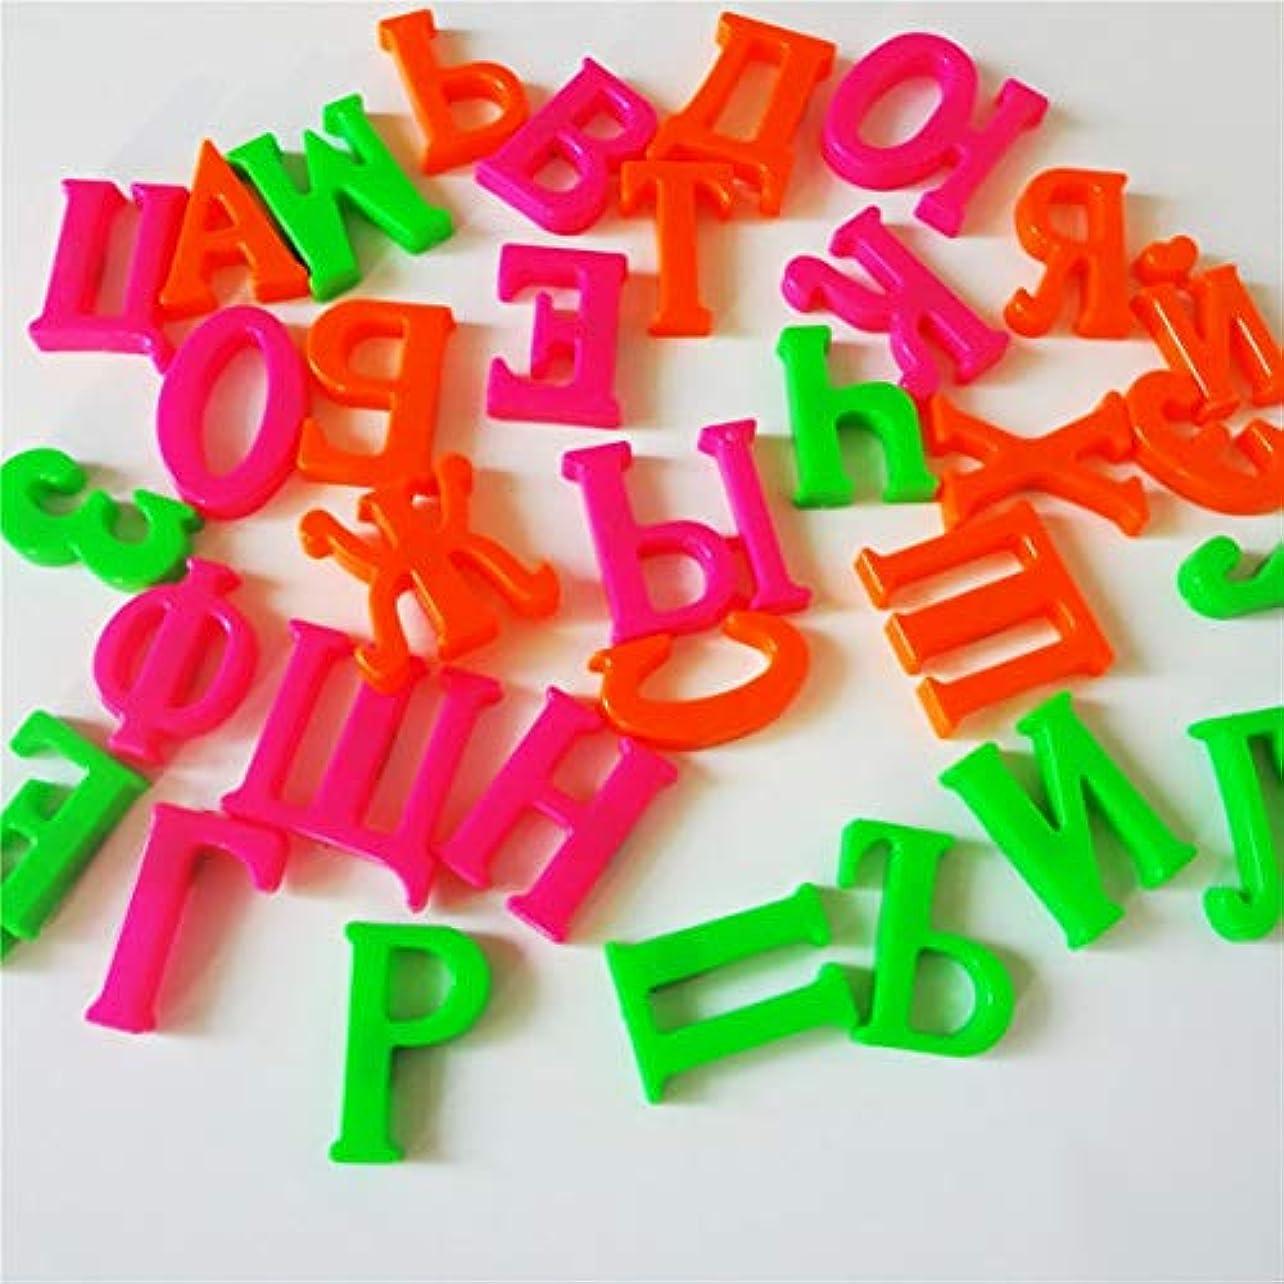 黒人読みやすさモディッシュKongqiabona 33個のロシアのアルファベットの冷蔵庫の磁石赤ちゃん教育学習玩具